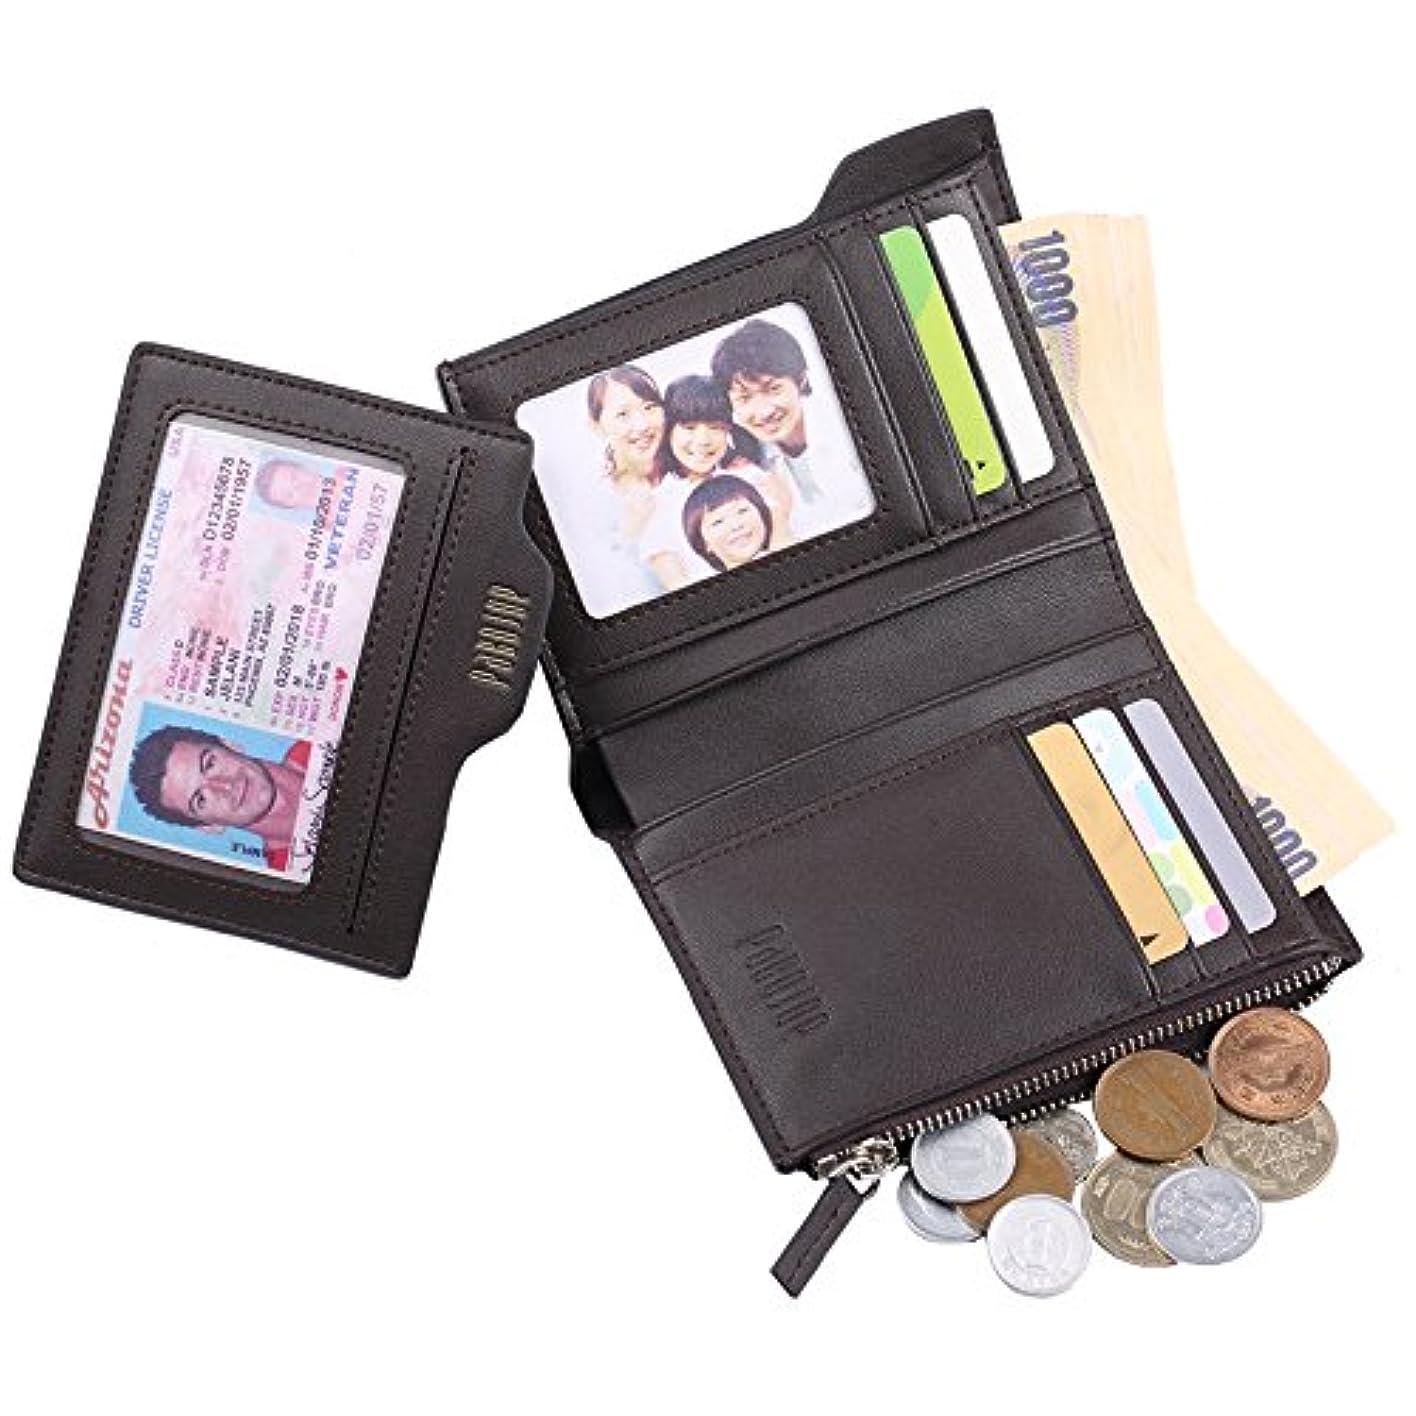 可聴独特のプラットフォーム財布 二つ折り メンズ 本革 ブランド 人気 革 折りたたみ 小銭入れあり 薄型 カード収納 wallet 免許証入れ 定期入れ 高級 男性用 パボジョエ Pabojoe